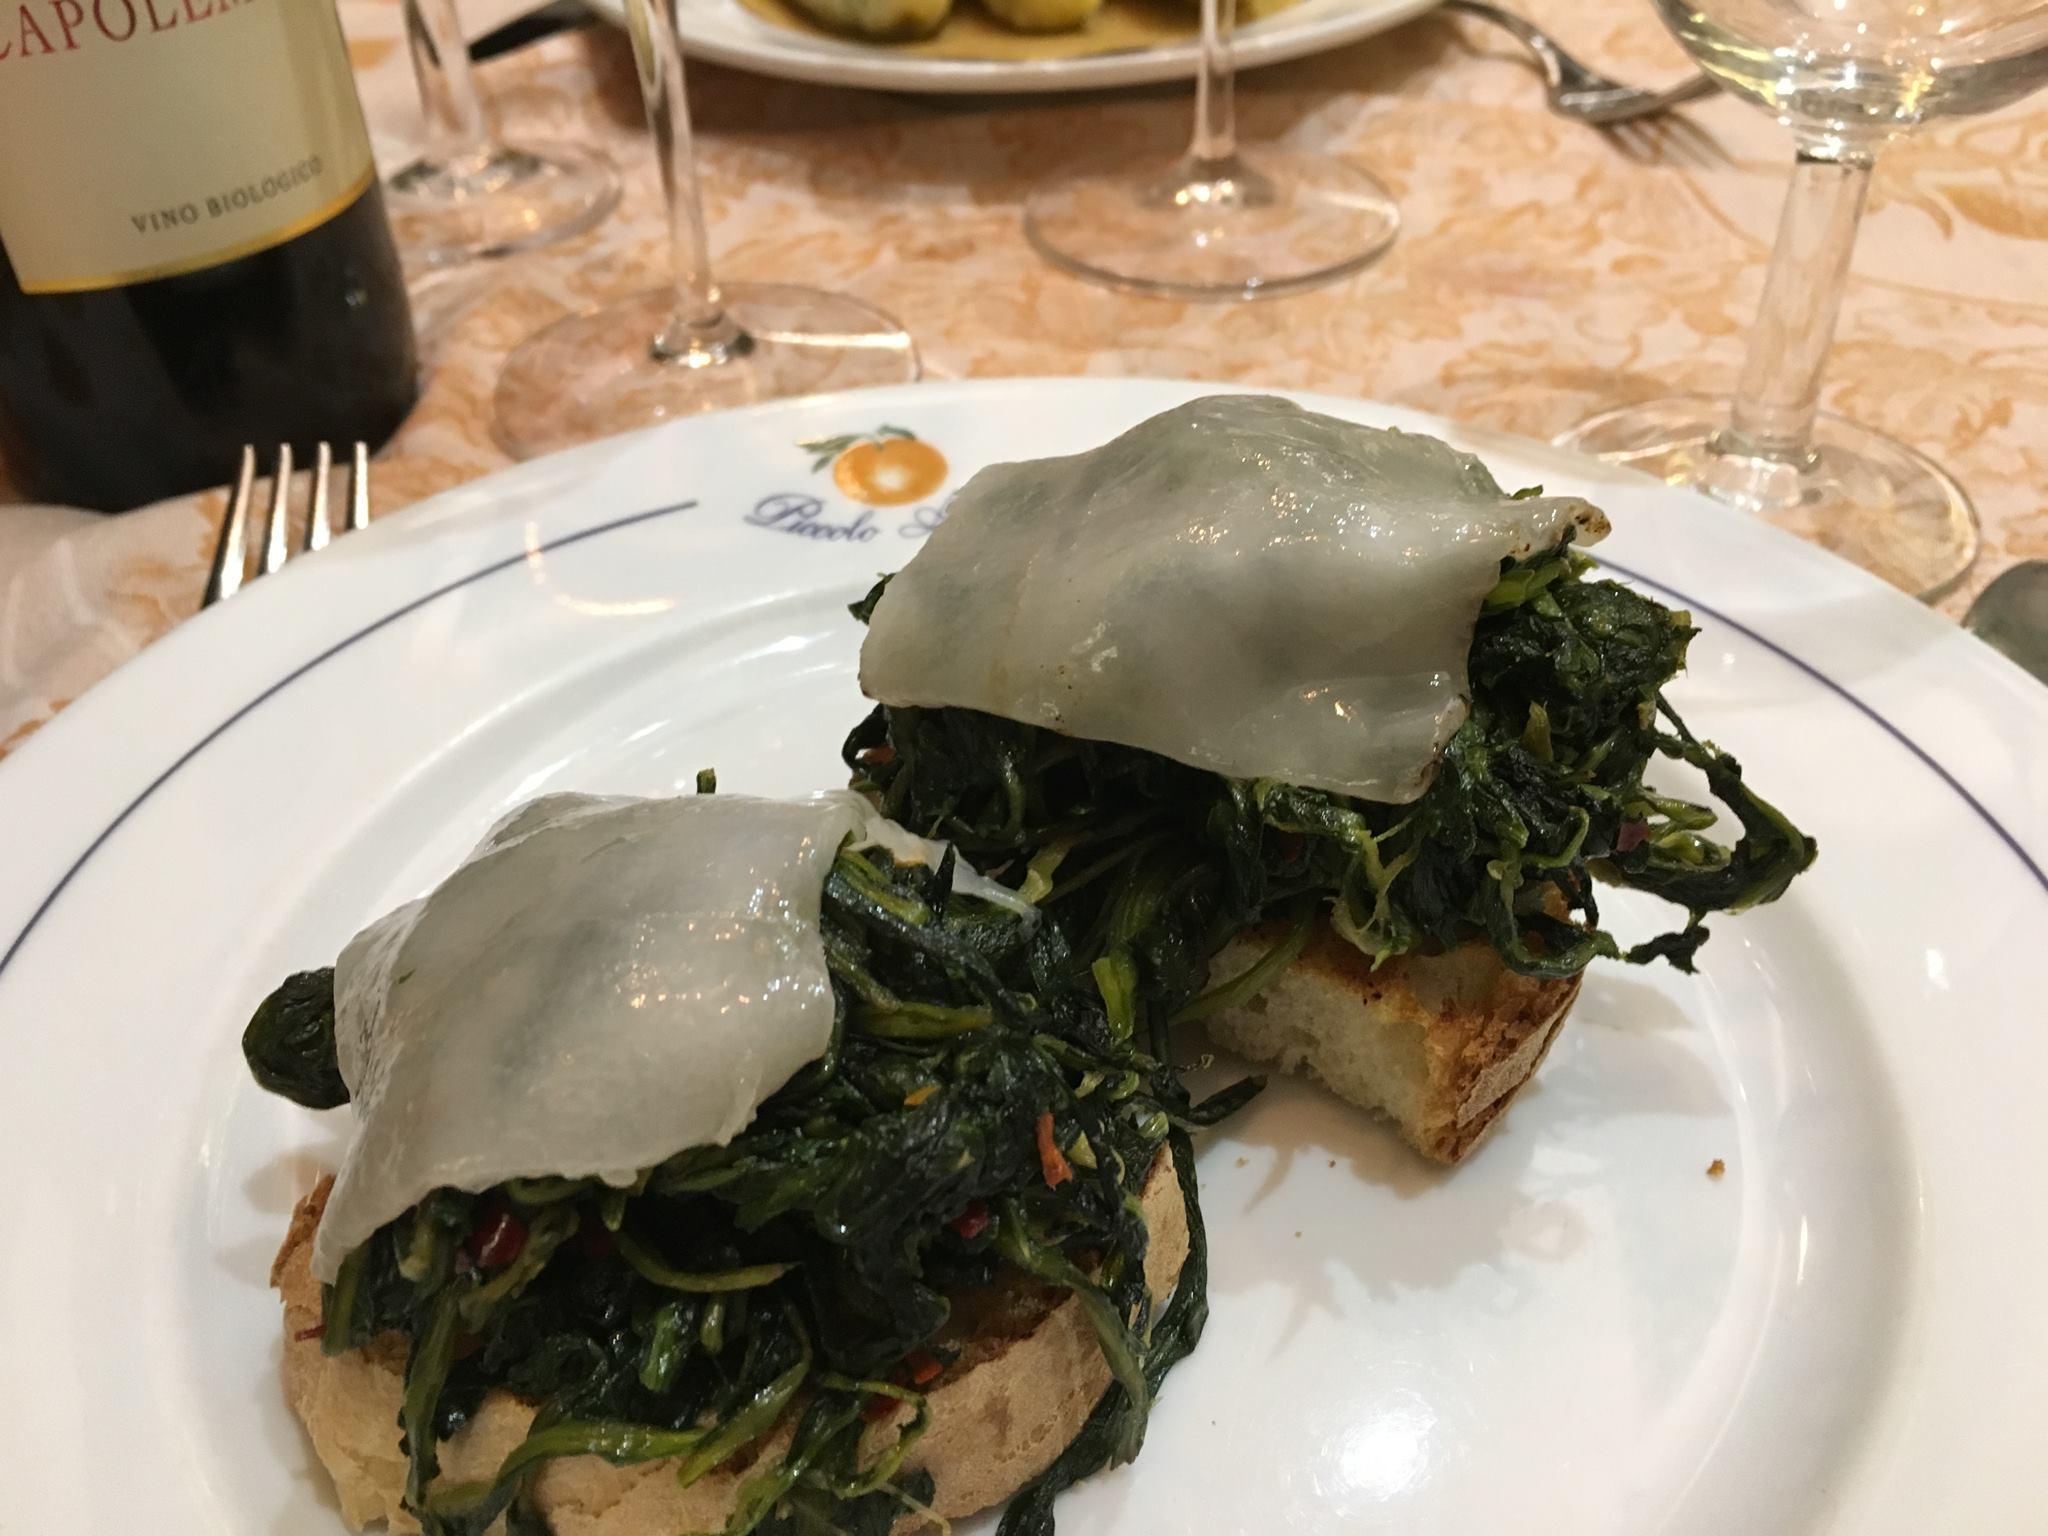 Bruschette con verdure ripassate in padella e Lardo di Colonnata